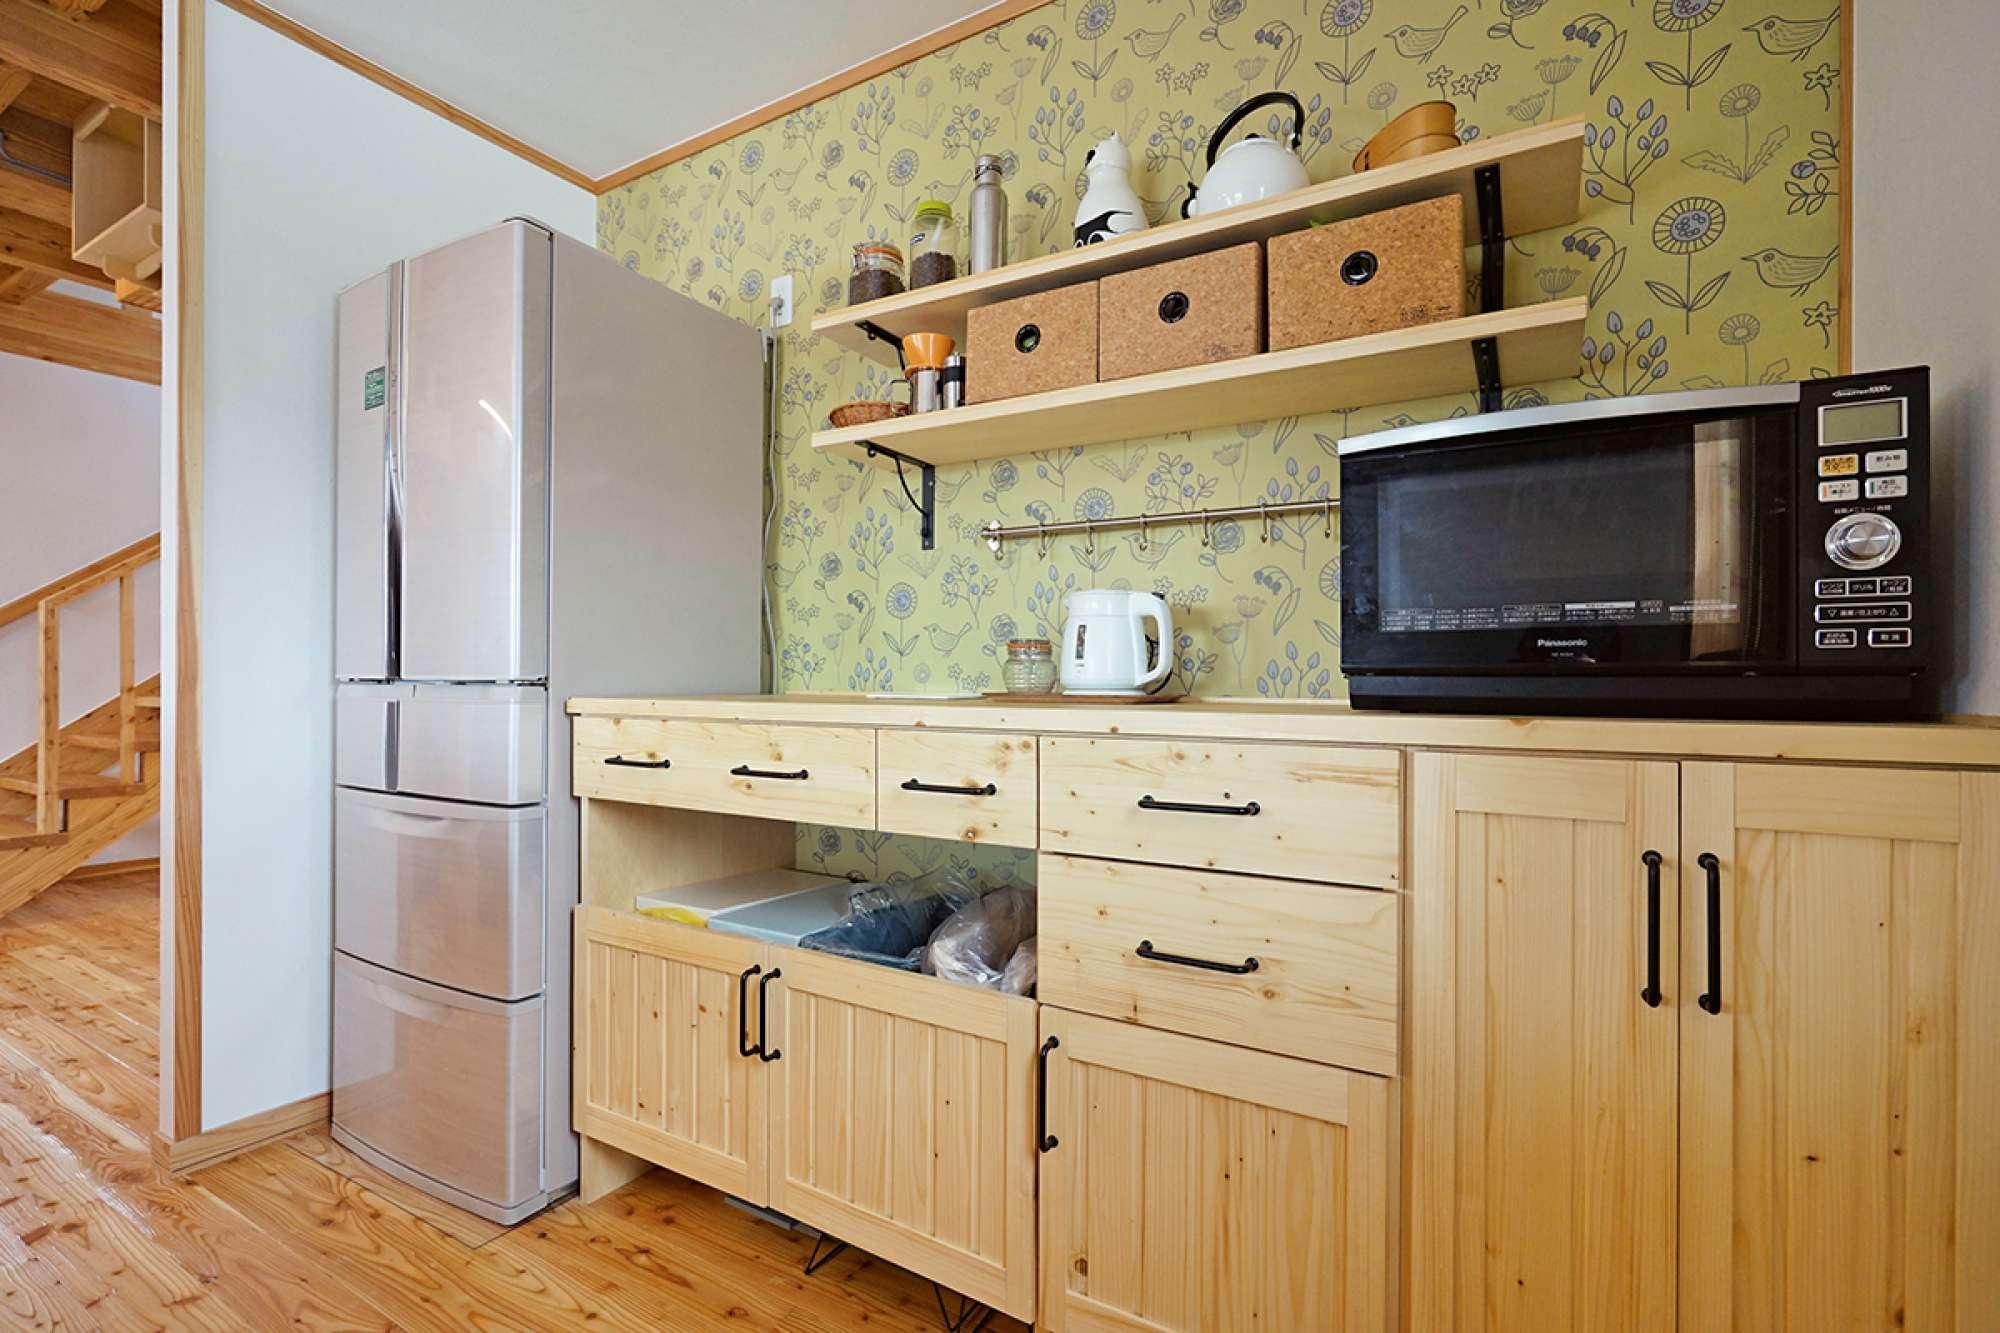 キッチンに造作食器棚。飾り棚やクロスで北欧調のコーディネート -  -  -